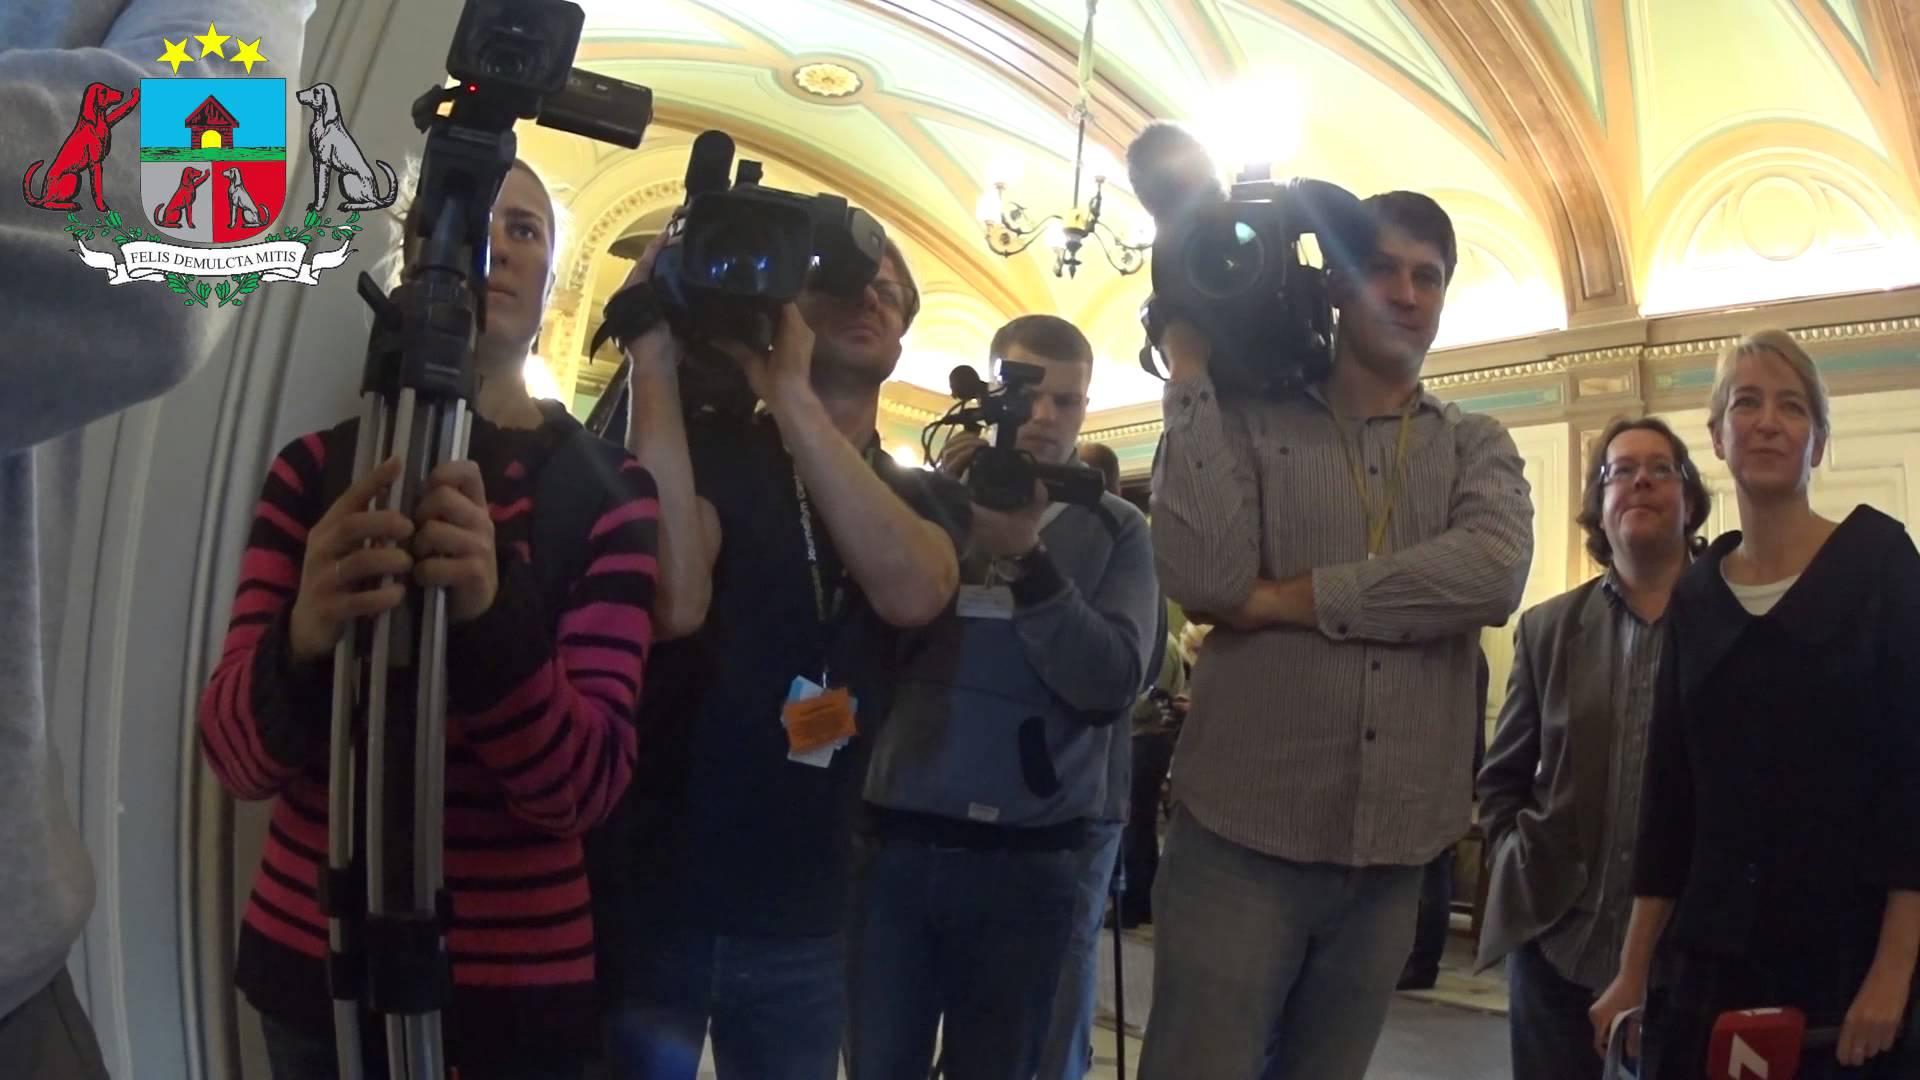 VIDEO – Artusa Kamiņa privātā kamera – Saeimā 22 min. strādā pēc tam 1,5 stunda pārtraukums!